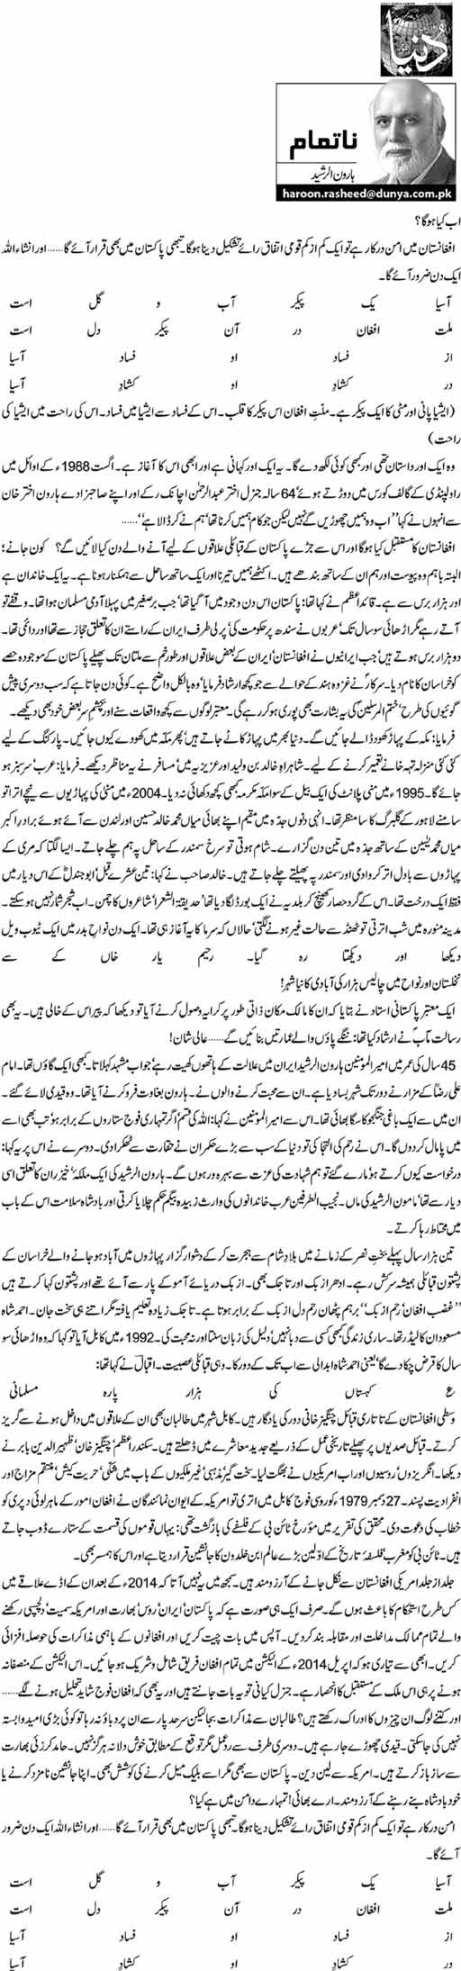 Ab Kya Hoga ? - Haroon Ur Rasheed